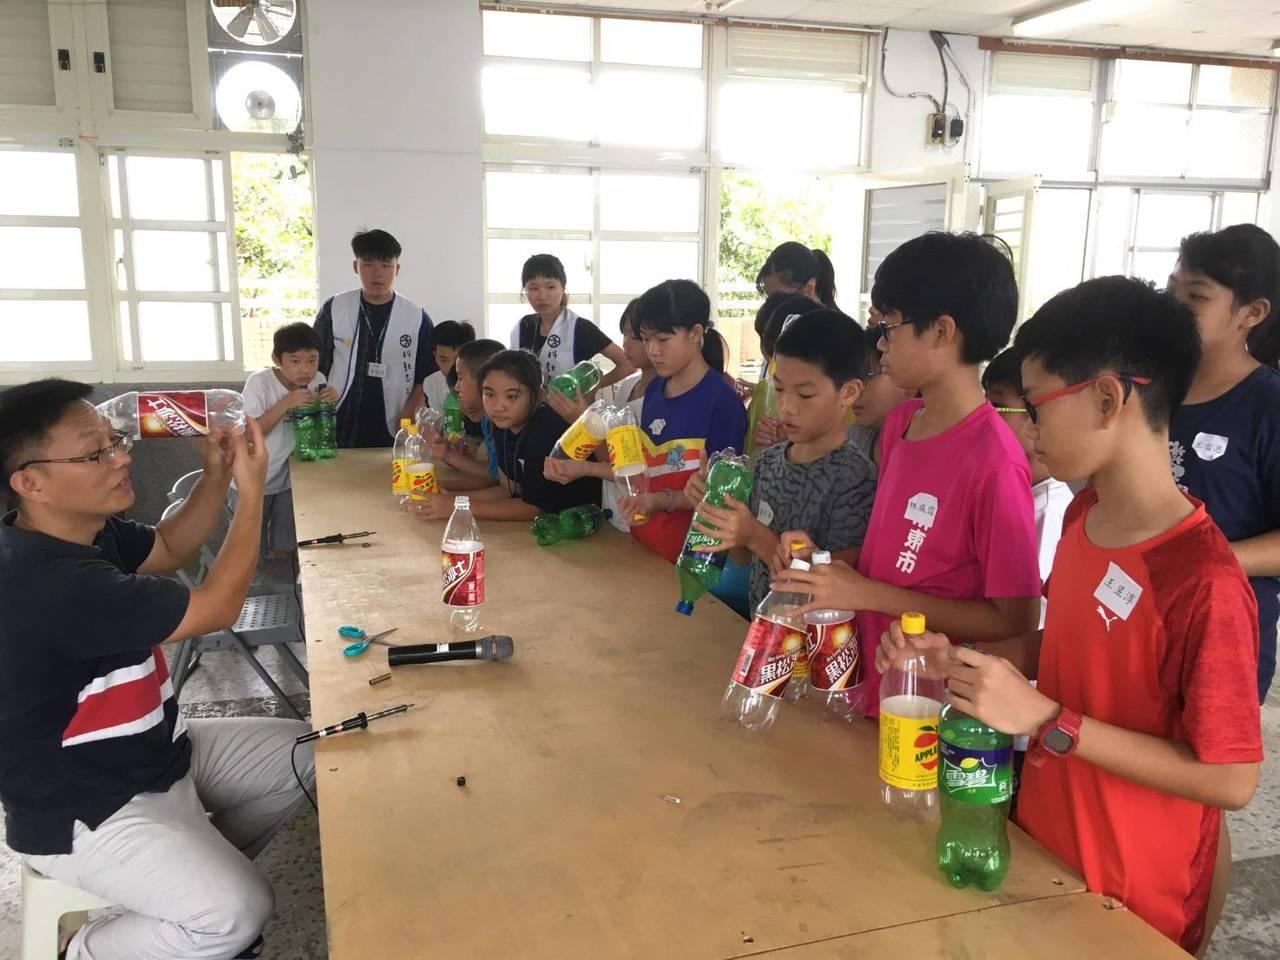 一項名為扶輪飛揚的科學營今天起至24日在屏東建國國小舉行,由老師指導小朋友製作各...